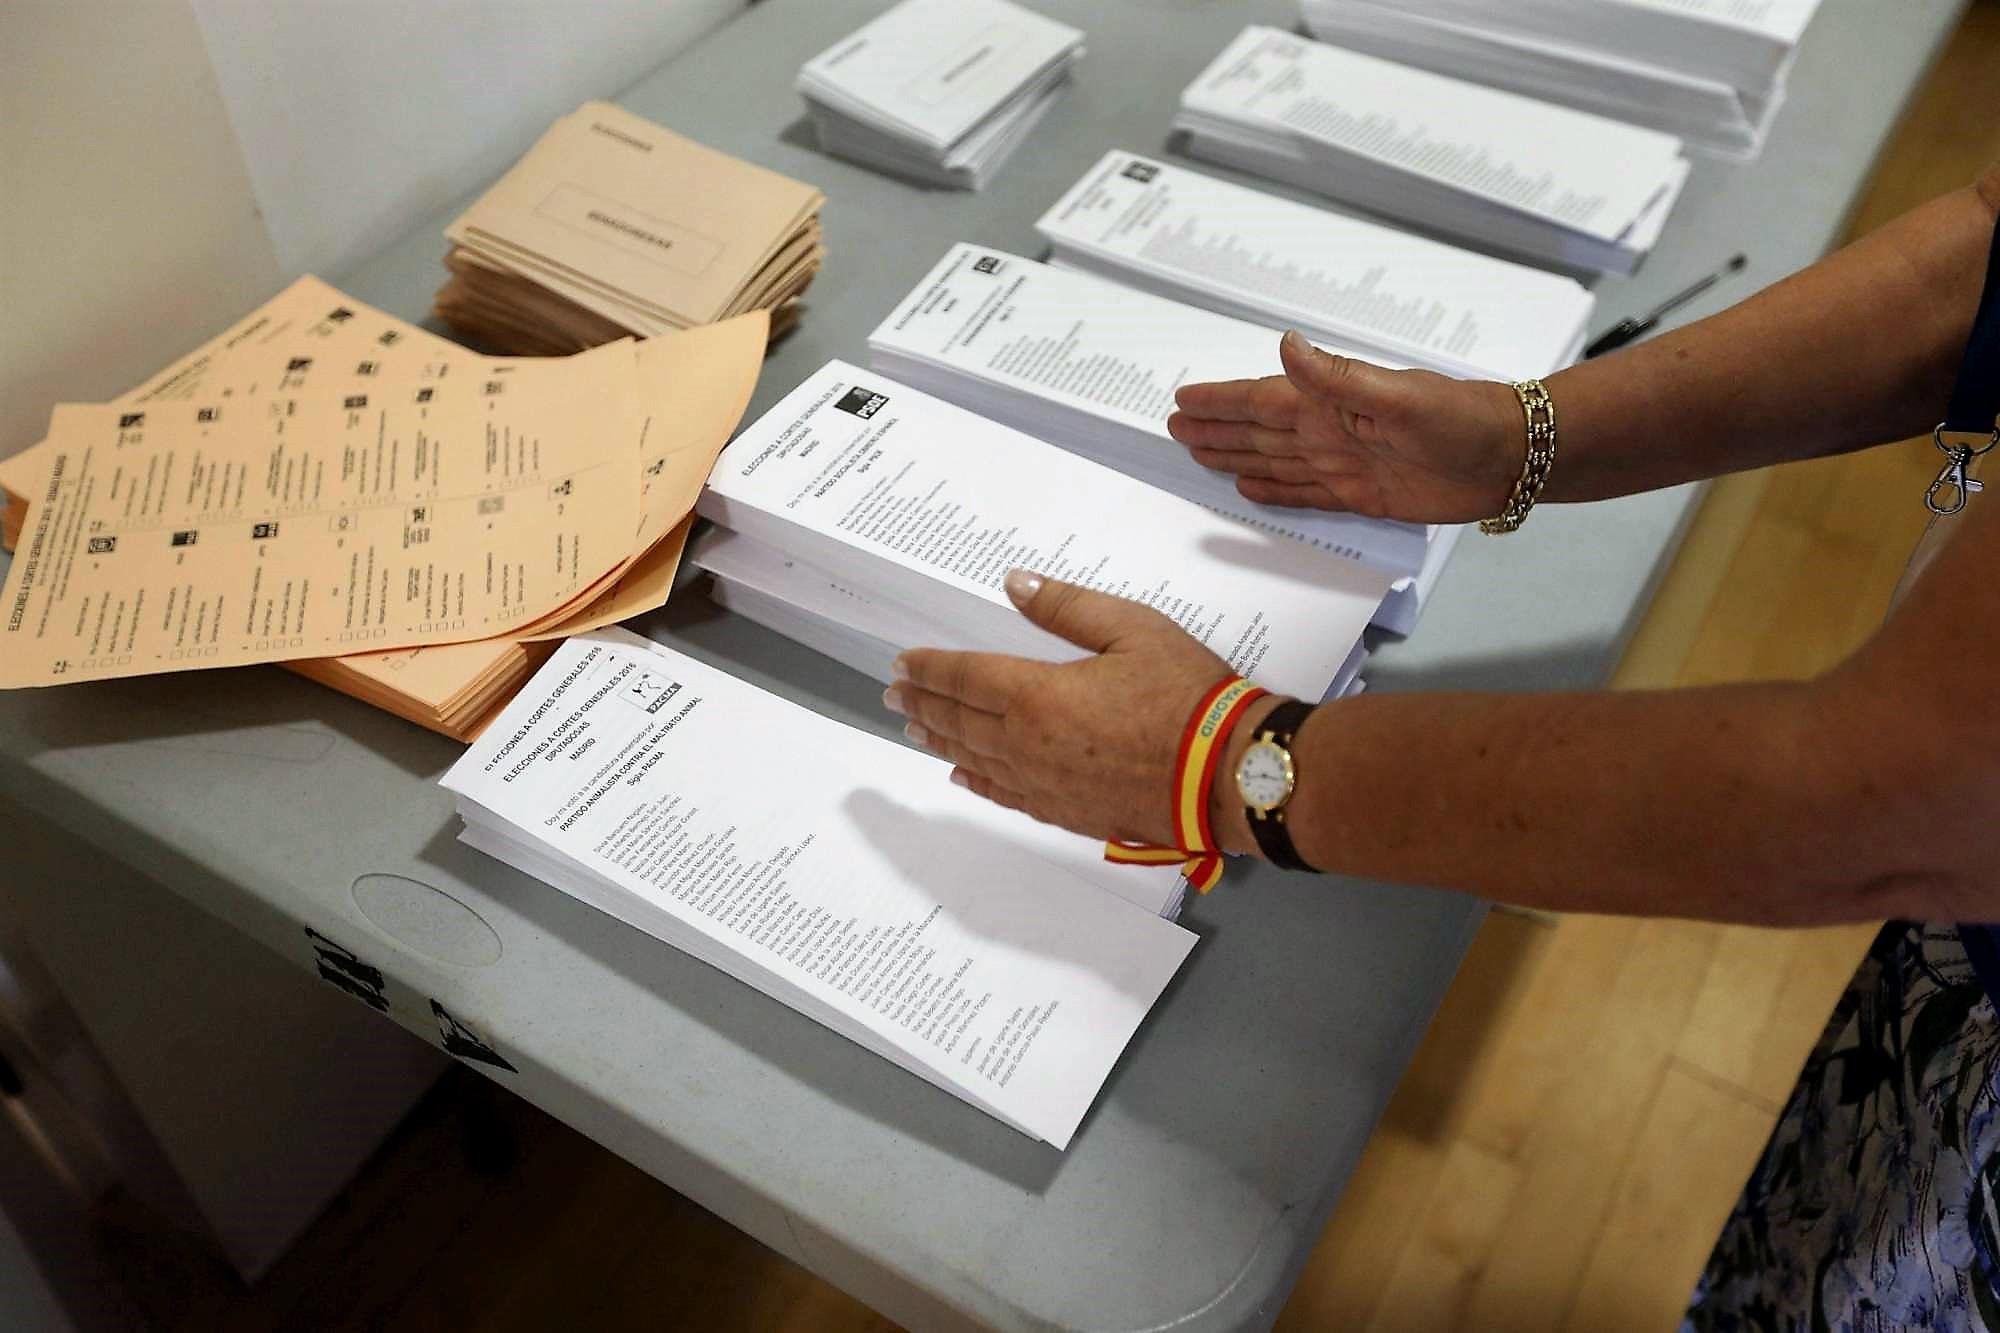 Europee, quasi 100 milioni di elettori sono ancora indecisi su chi votare